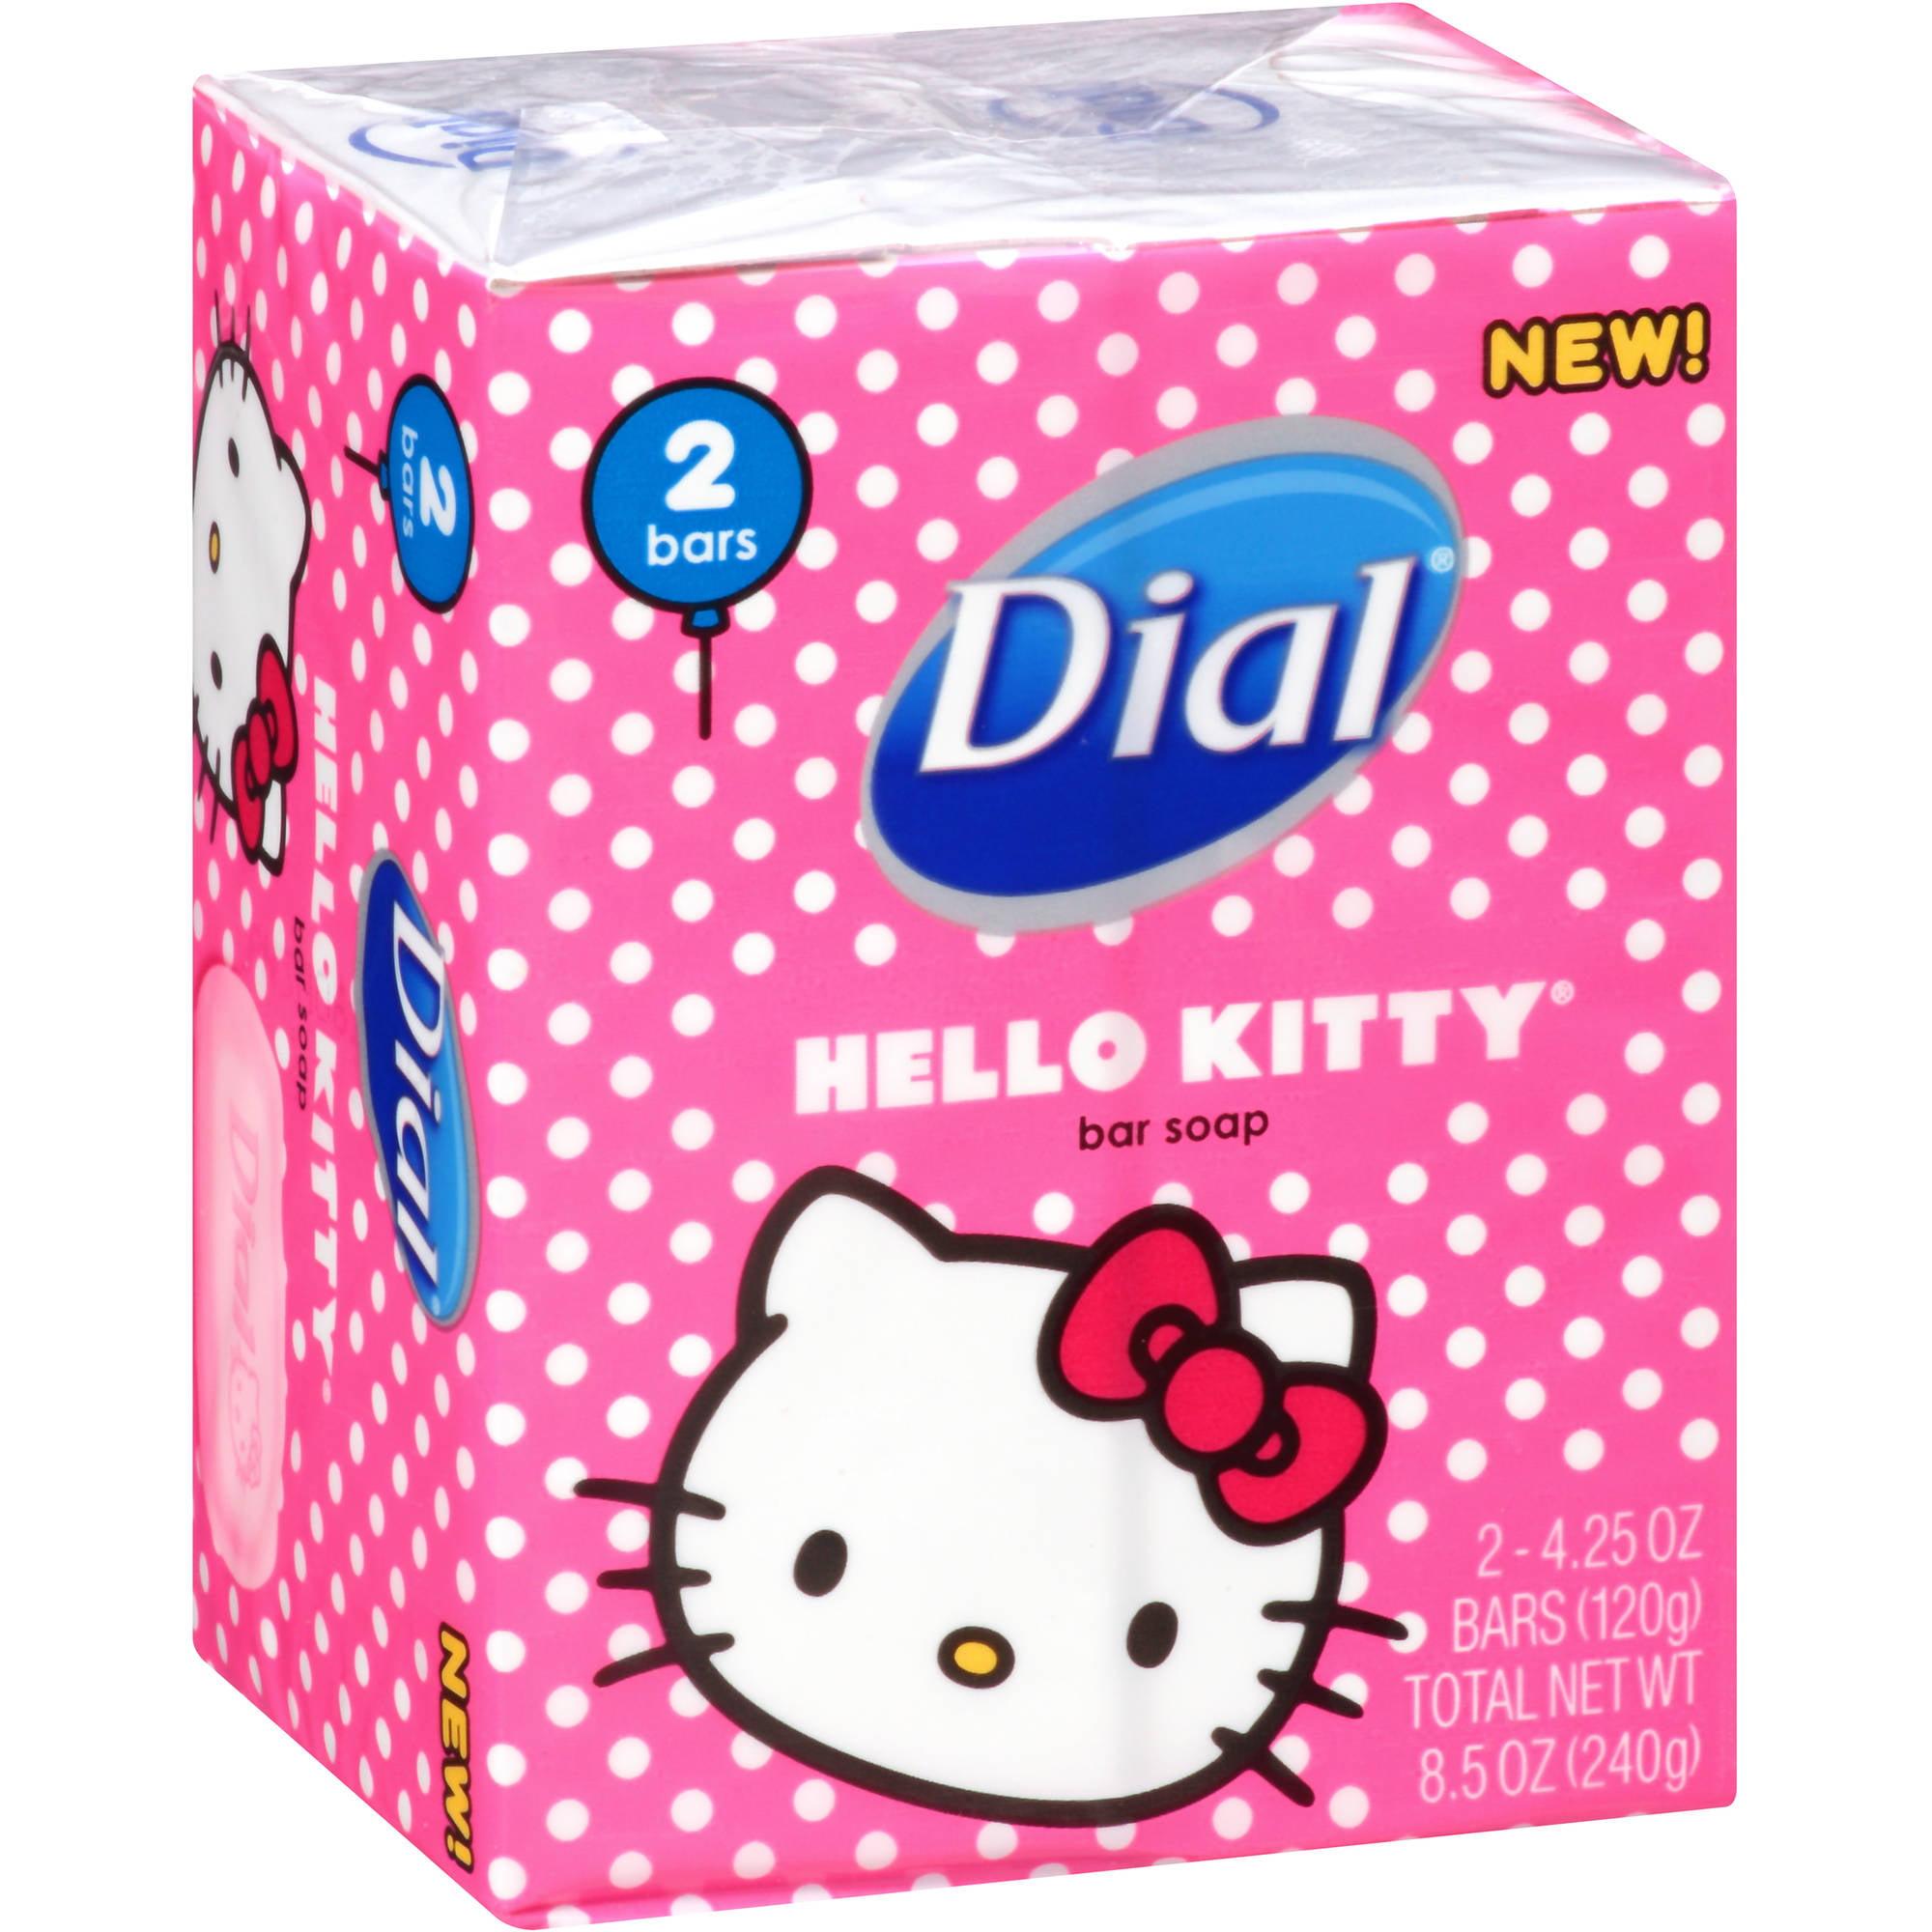 Dial Hello Kitty Soap, 4.25 oz, 2ct